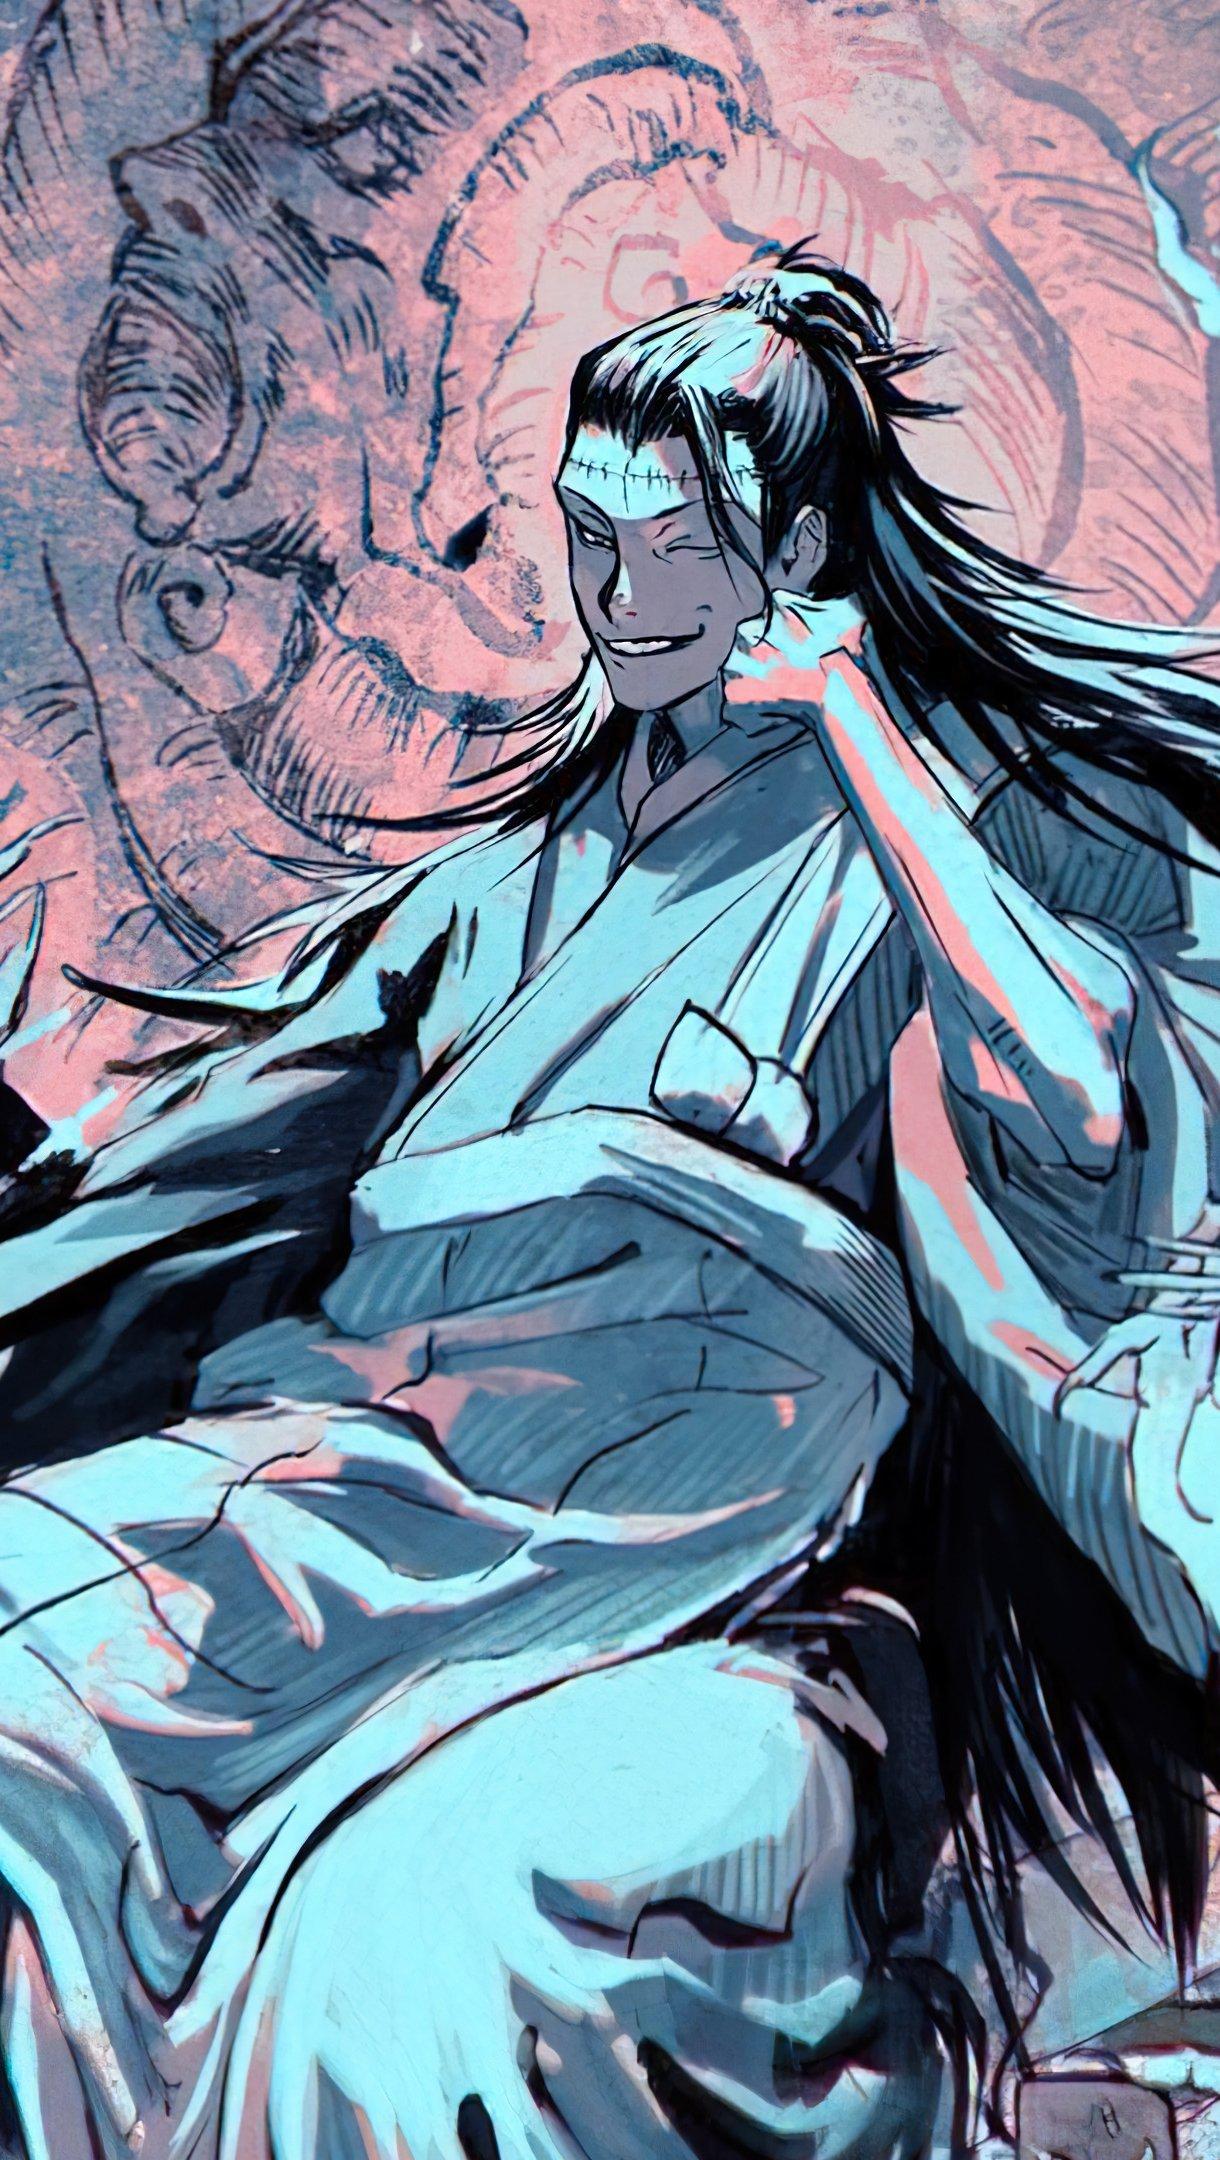 Fondos de pantalla Anime Suguru Geto de Jujutsu Kaisen Vertical